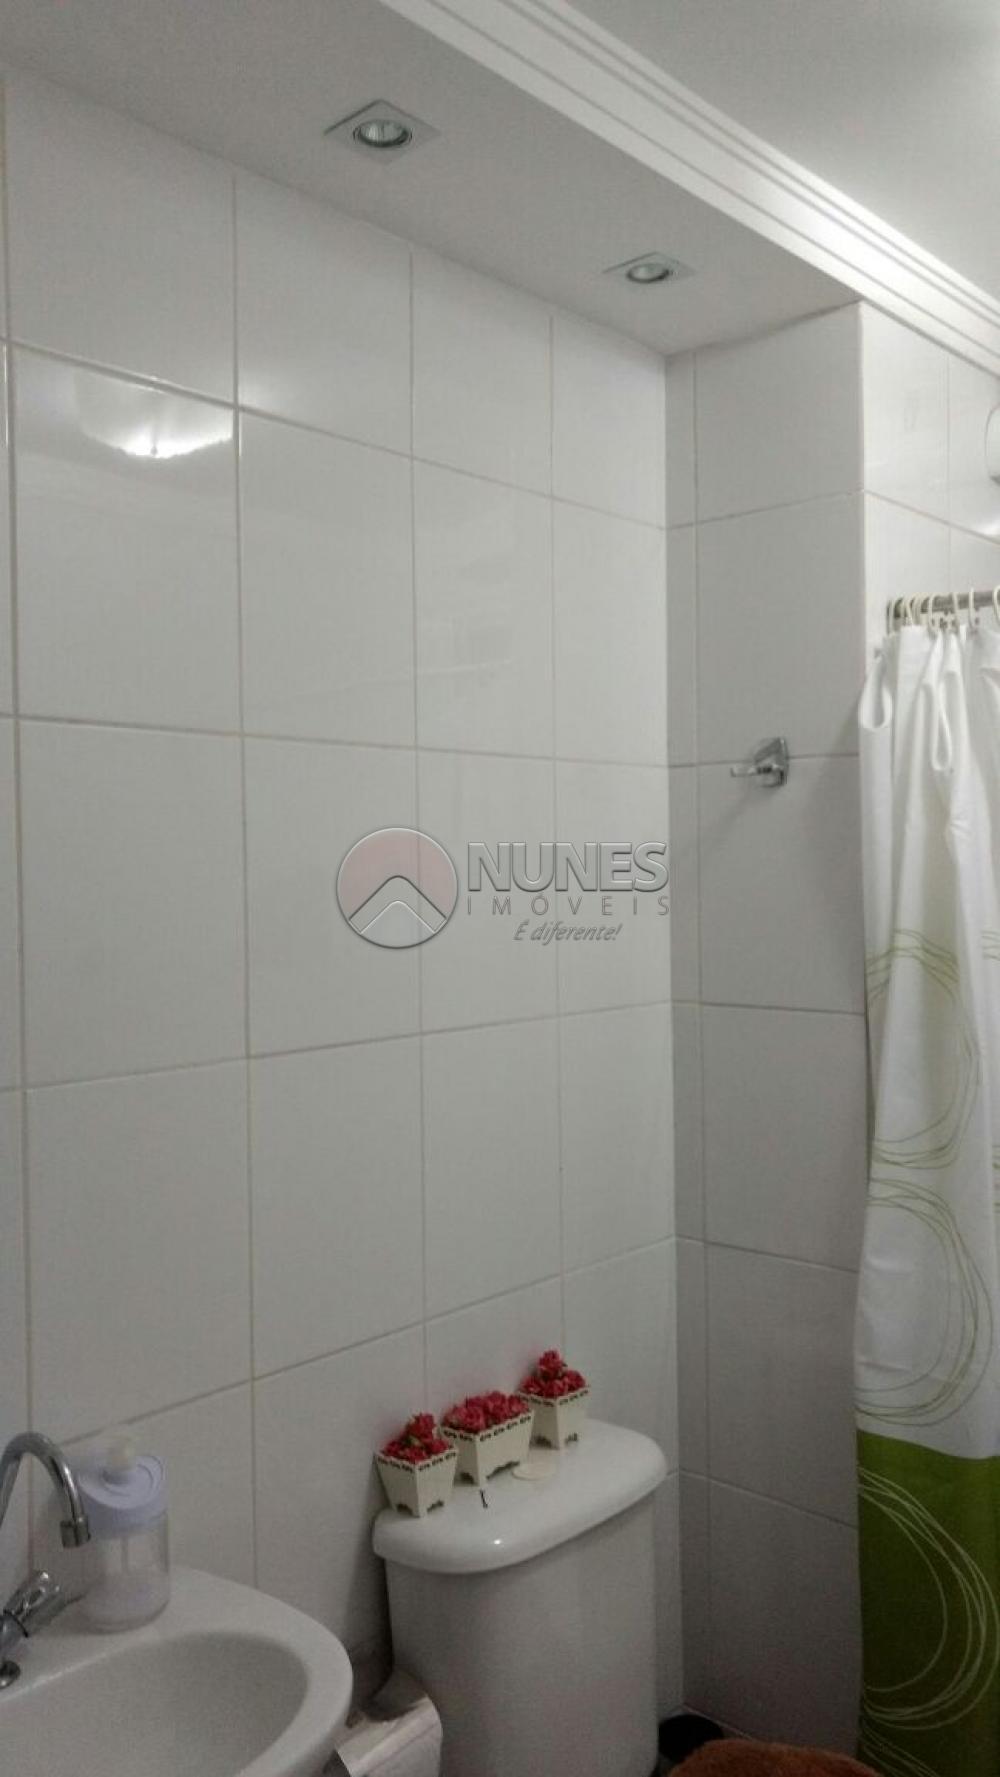 Comprar Apartamento / Padrão em Osasco apenas R$ 205.000,00 - Foto 14